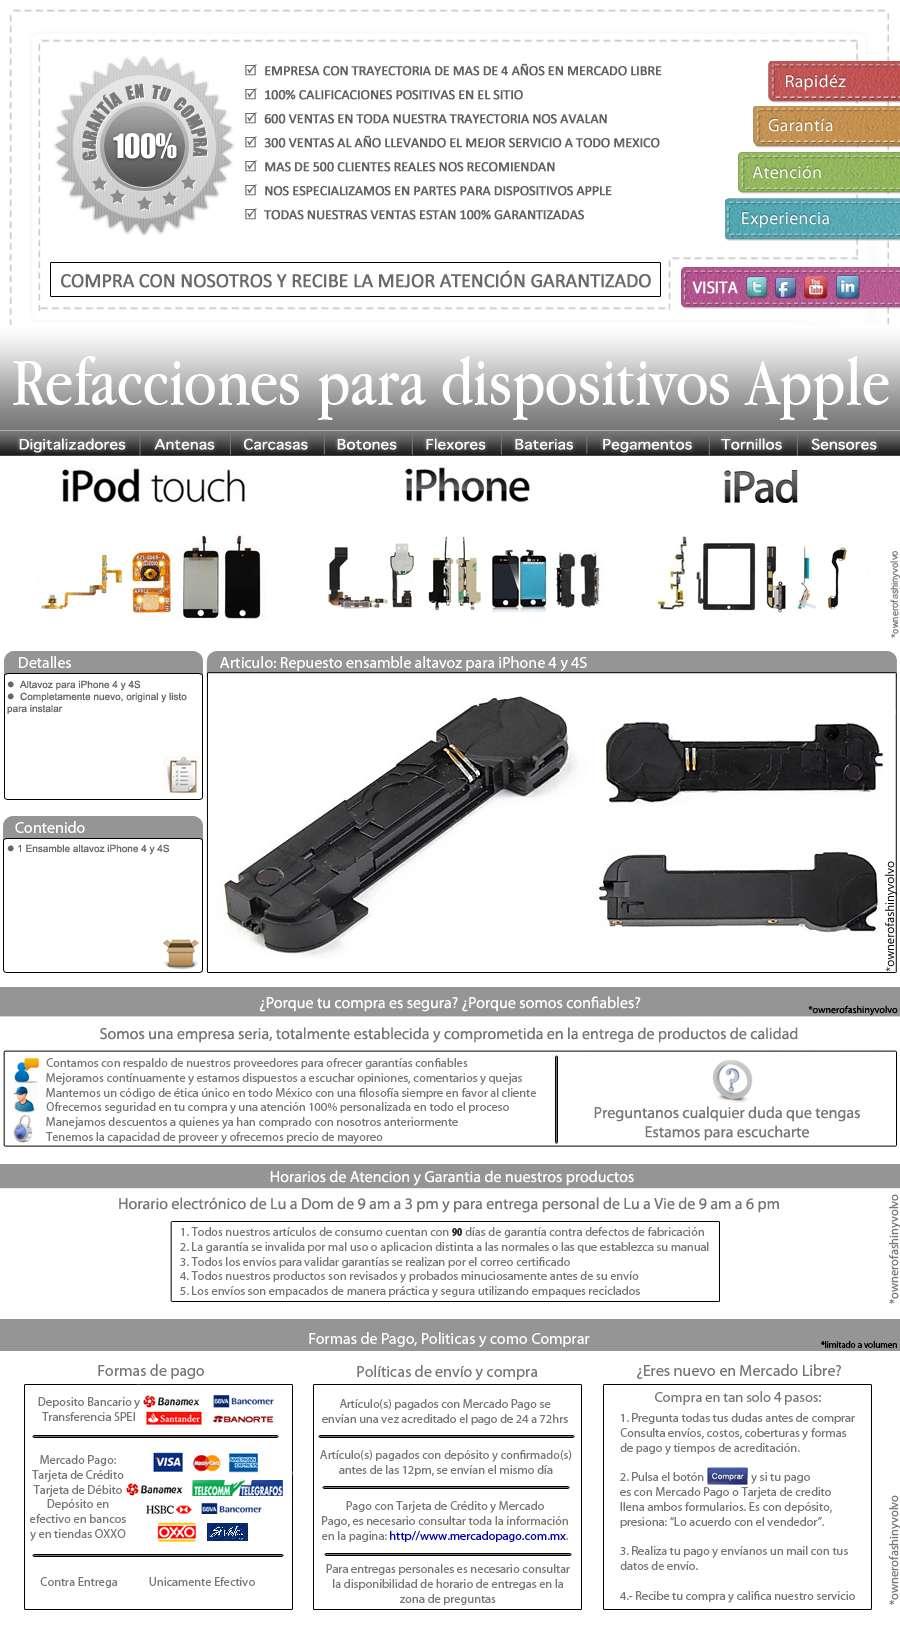 loudiphone4x.jpg